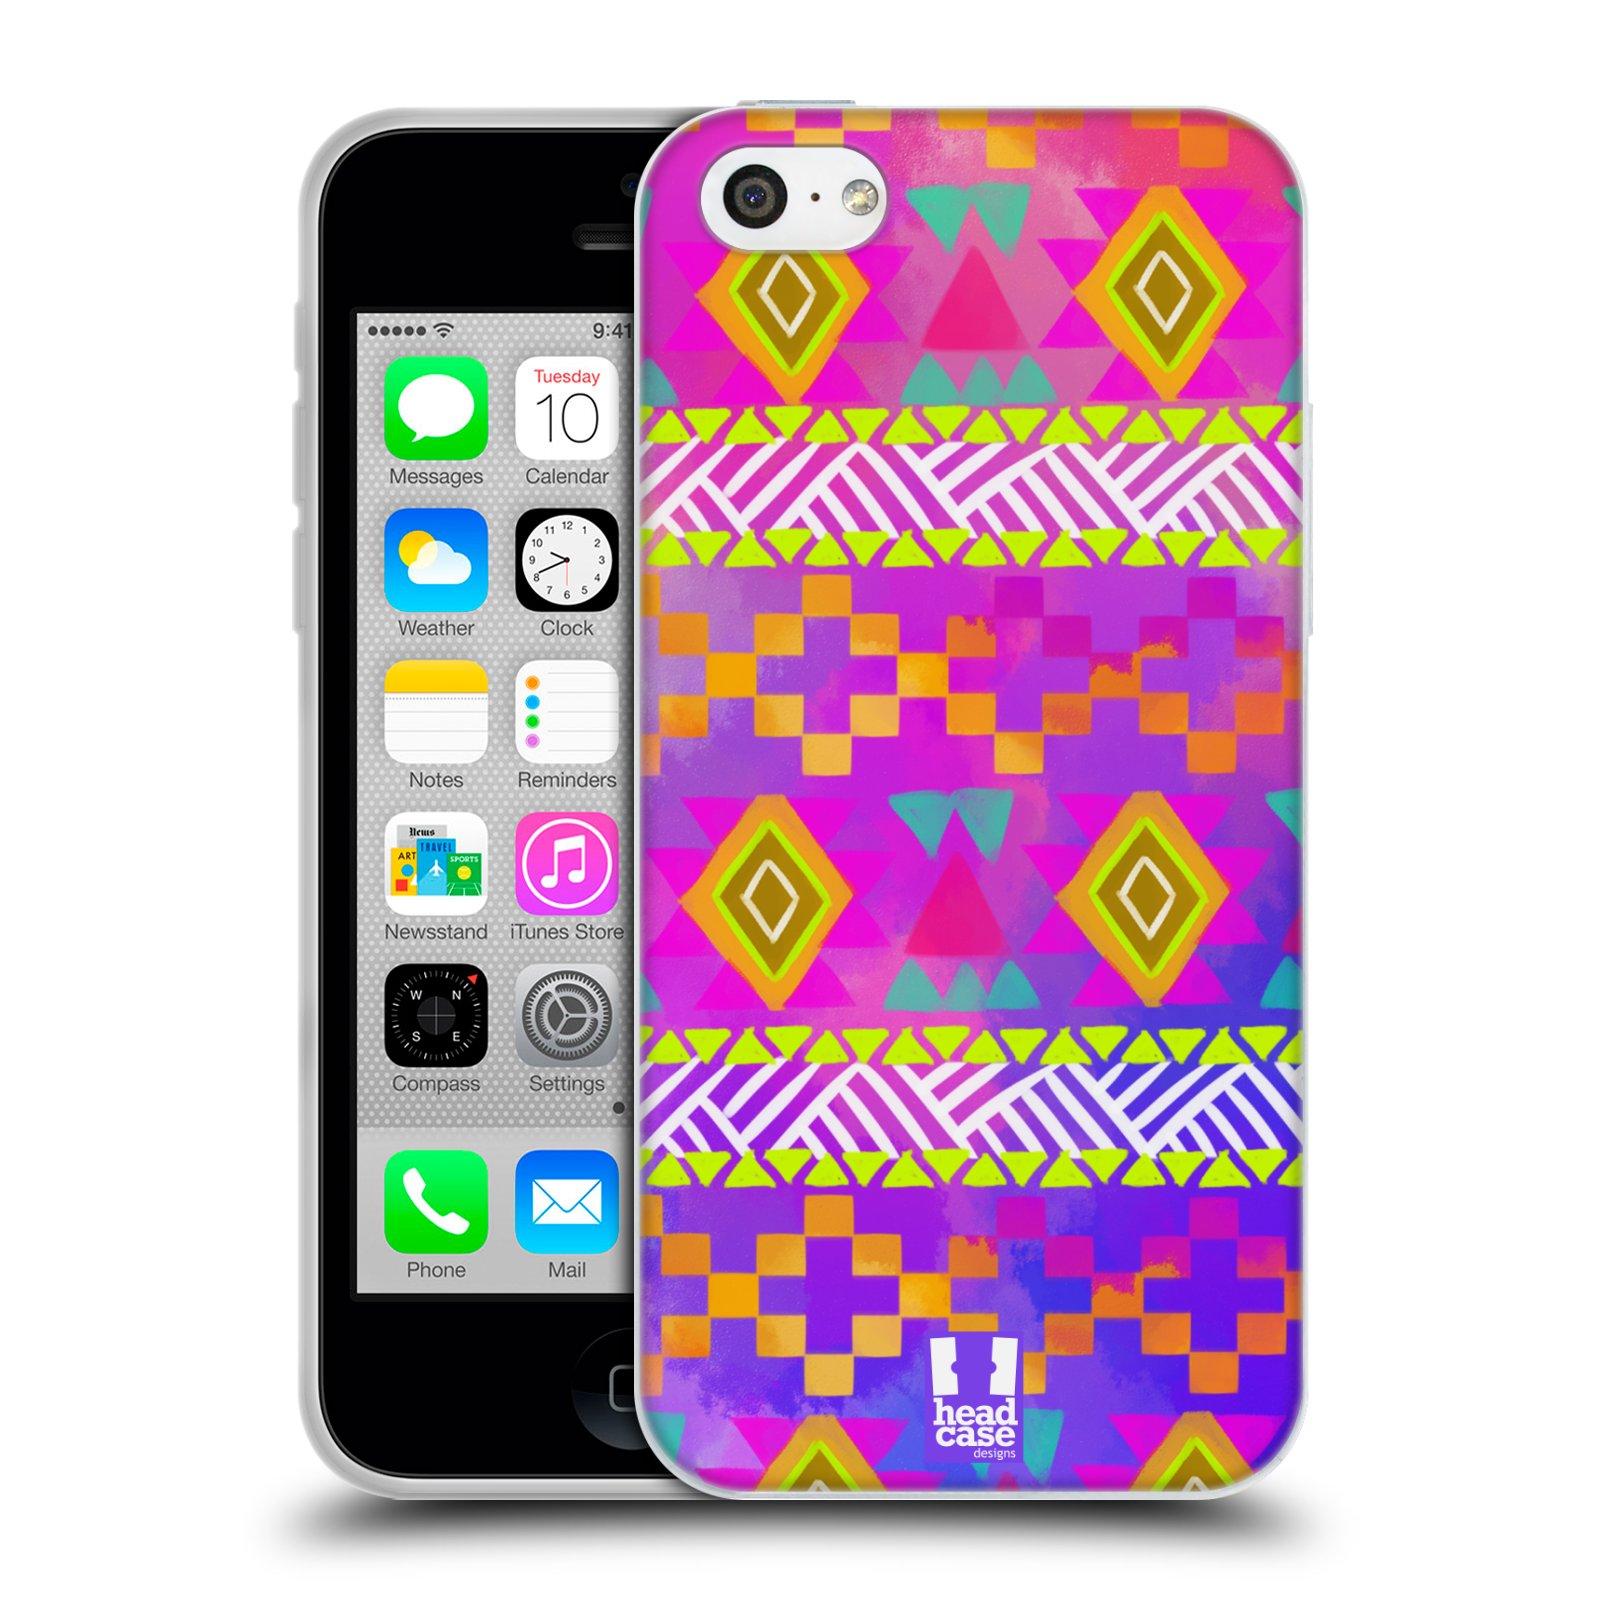 HEAD CASE silikonový obal na mobil Apple Iphone 5C vzor CIK CAK barevné znaky fuchsie